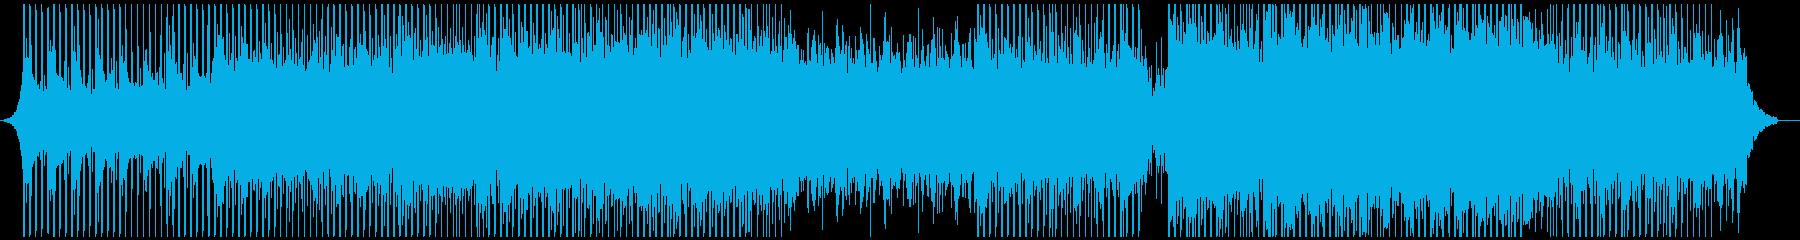 チュートリアルの再生済みの波形